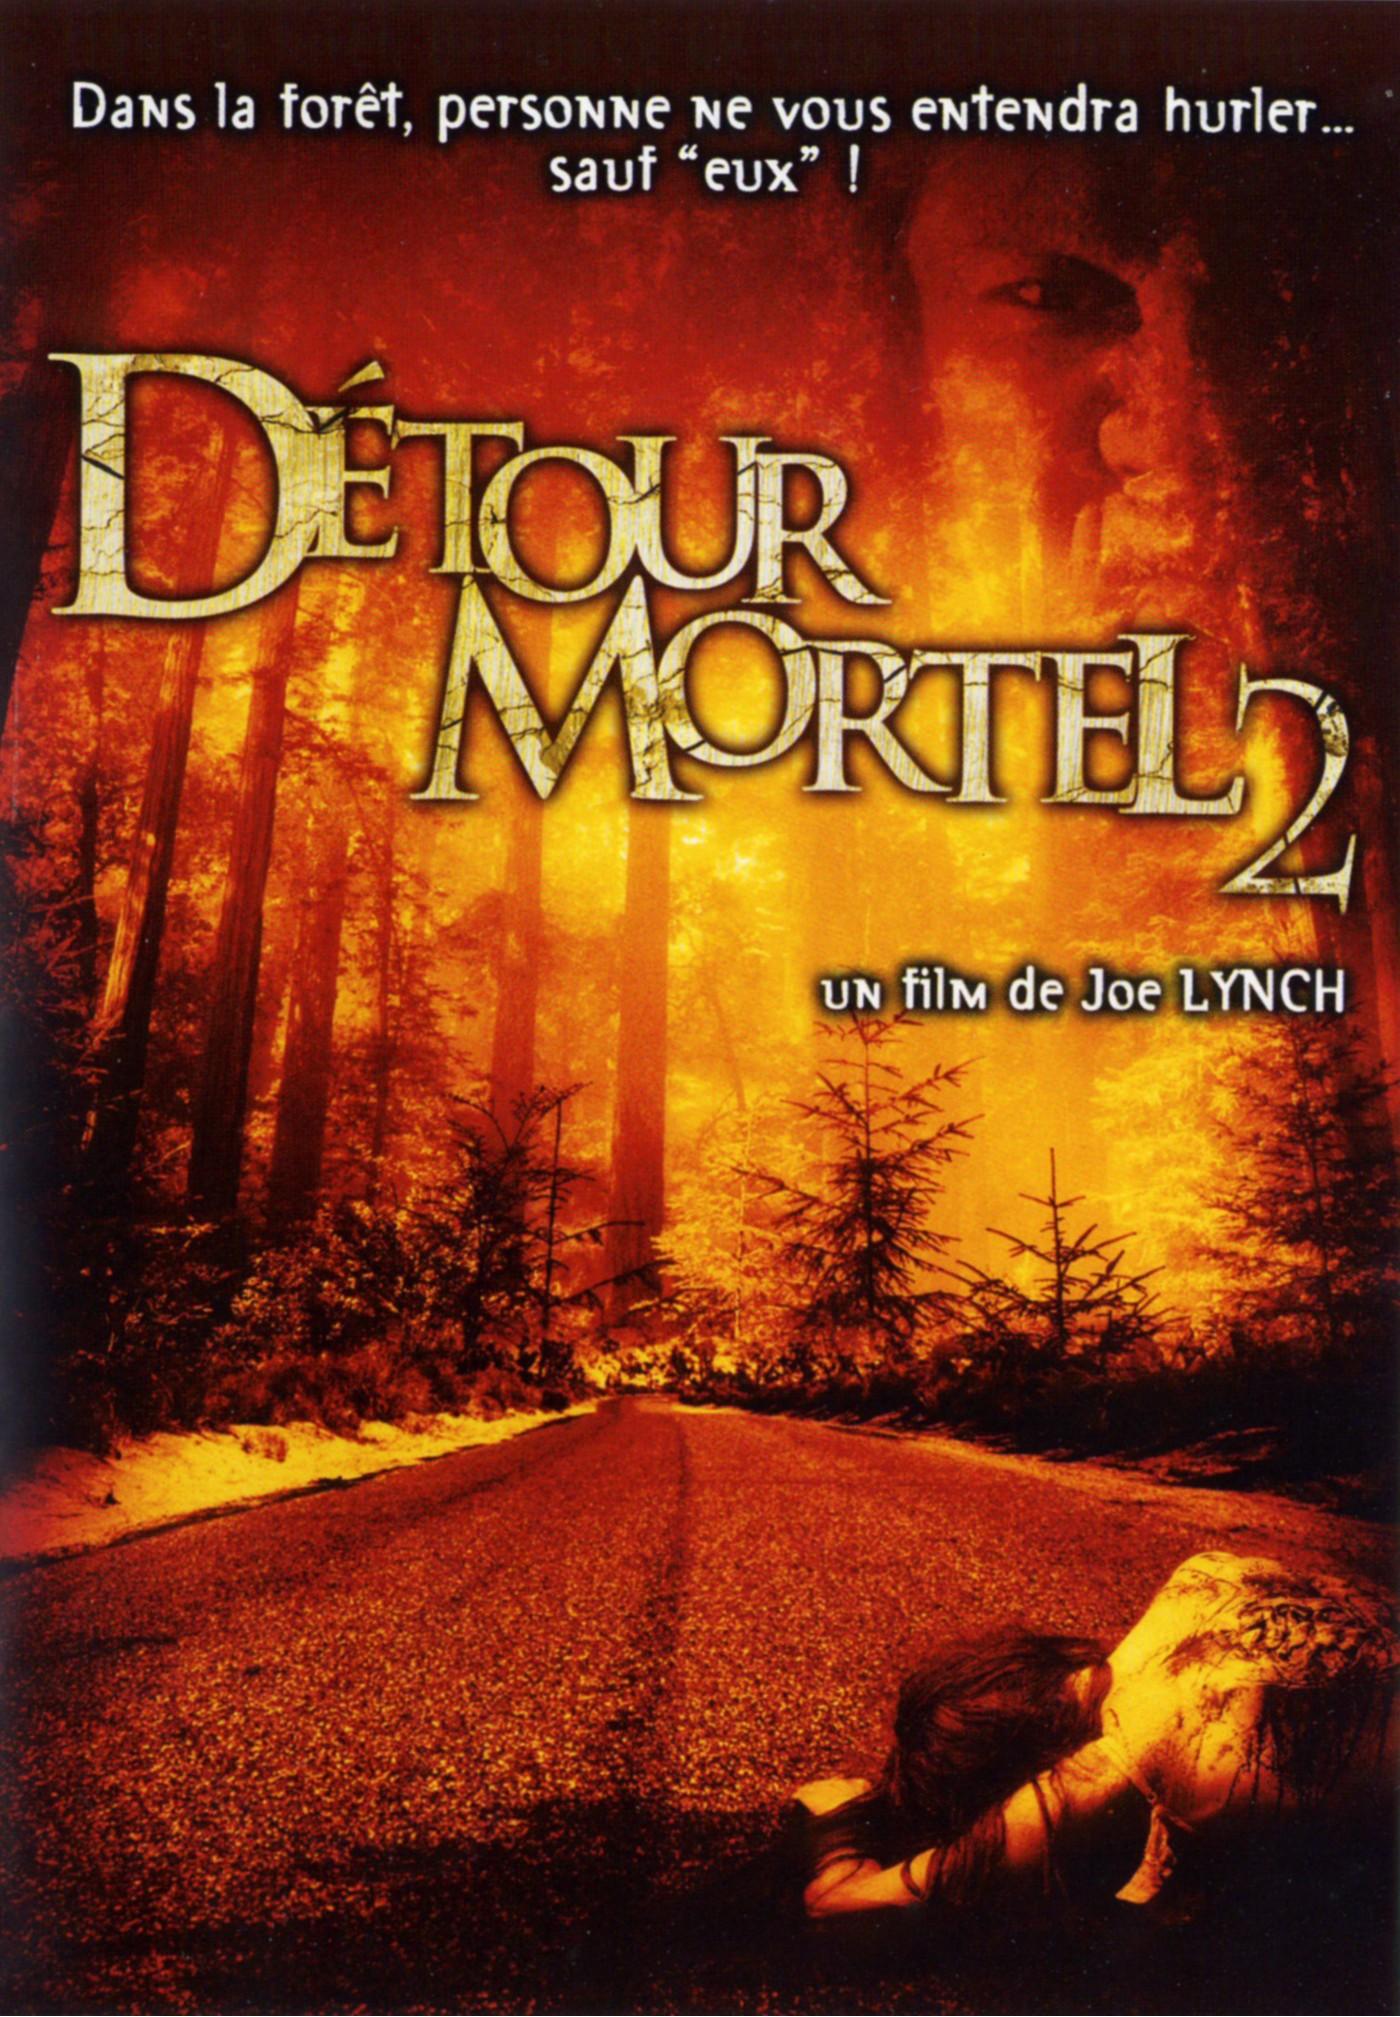 detour-mortel-2-2739